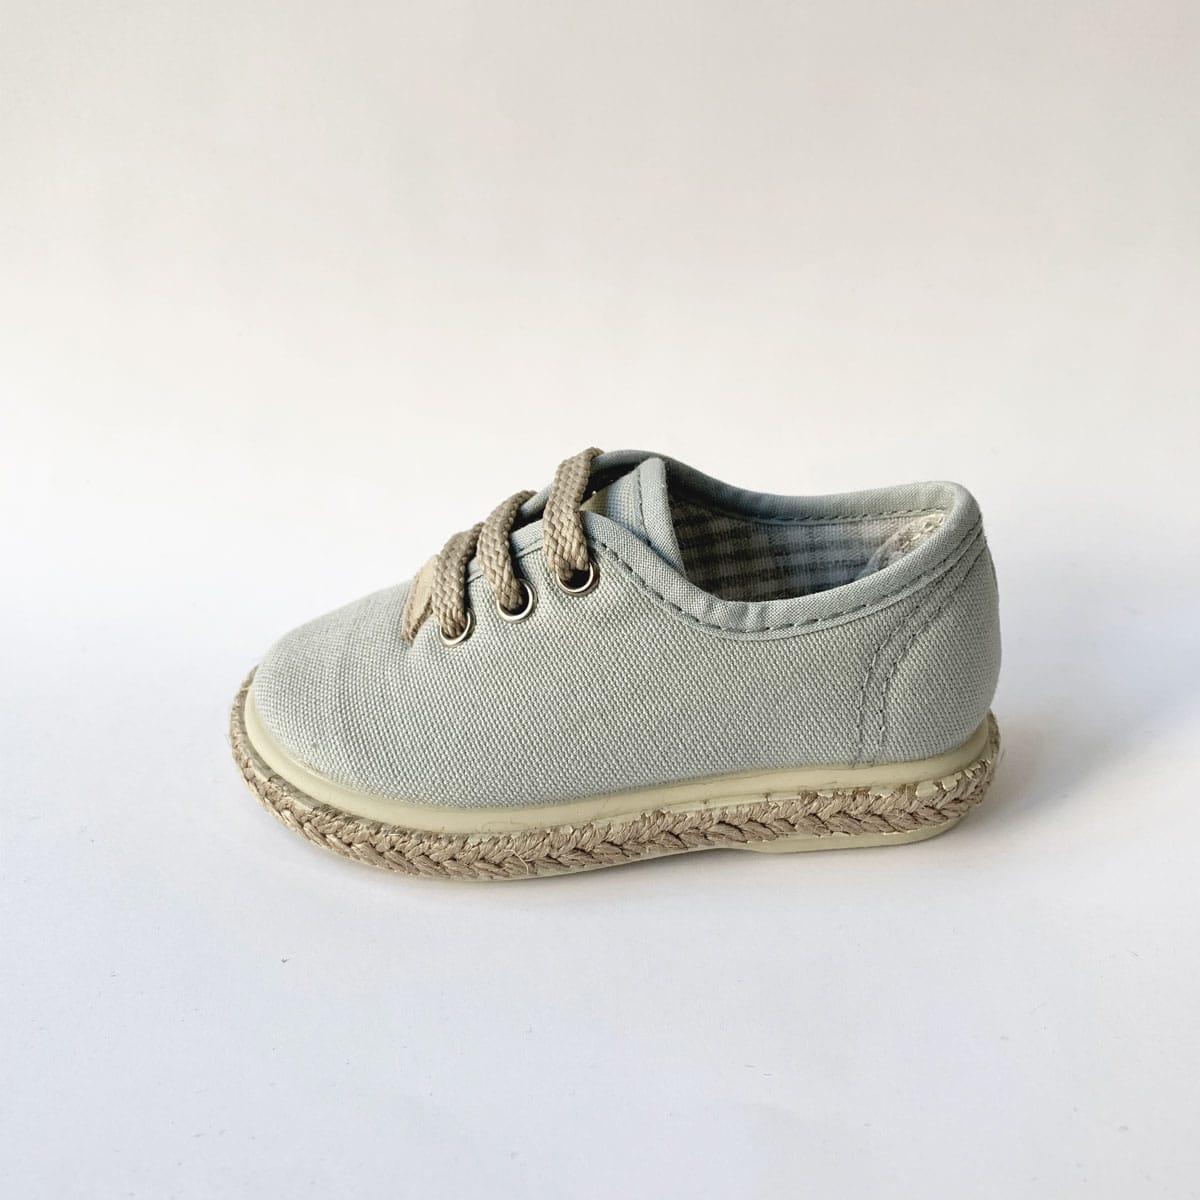 ef3bc4ce Comprar zapatillas de Piqué Gris para niño. Click to enlarge.  InicioNuestras MarcasVulpeques Zapatillas Piqué Gris Yute Cordones